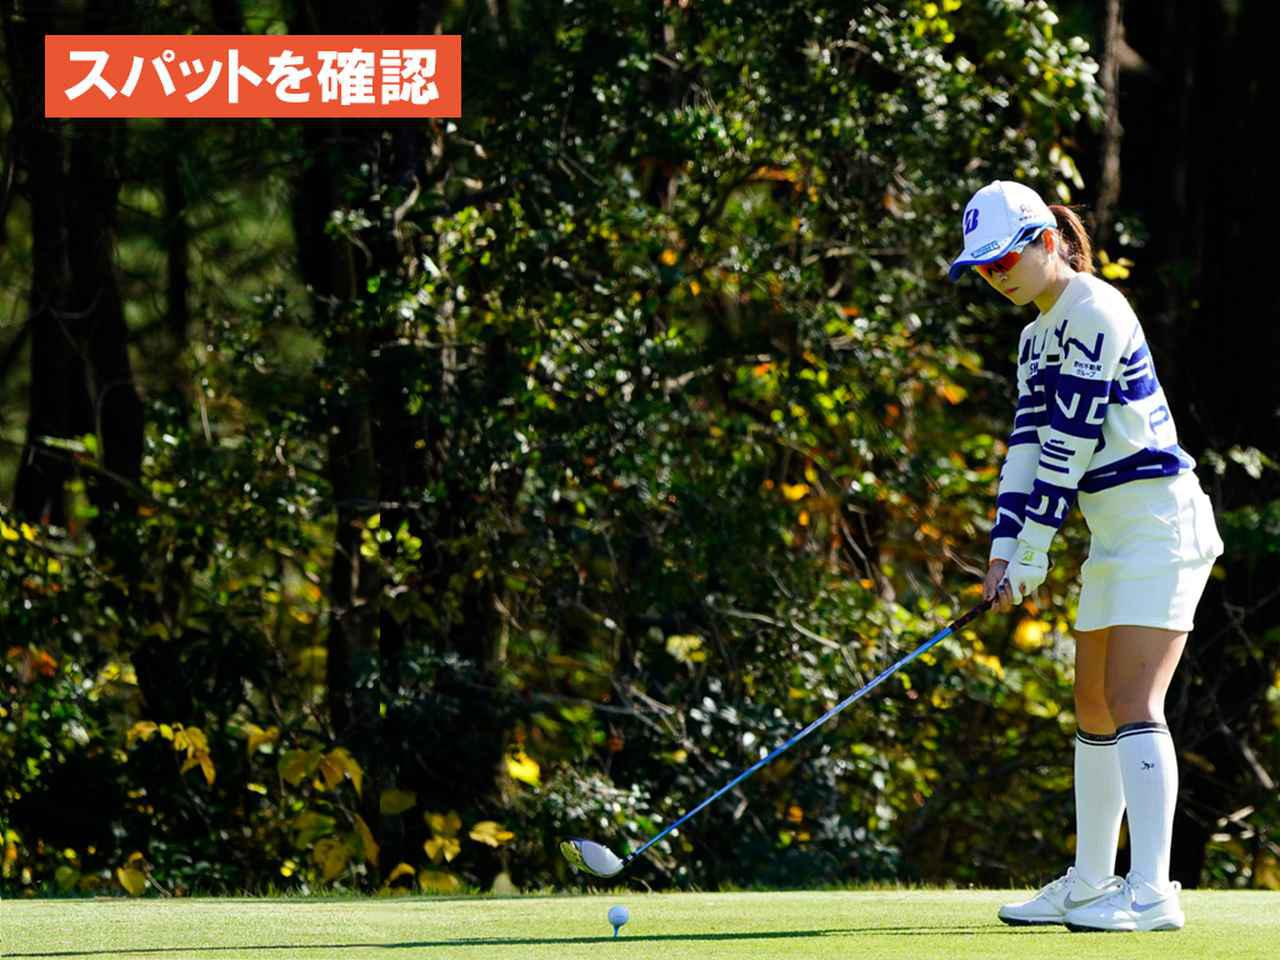 """画像15: 【プレショットルーティン調査】女子プロゴルファー上位32人をチェック! 2タイプに分かれた""""アドレスの入り方"""""""